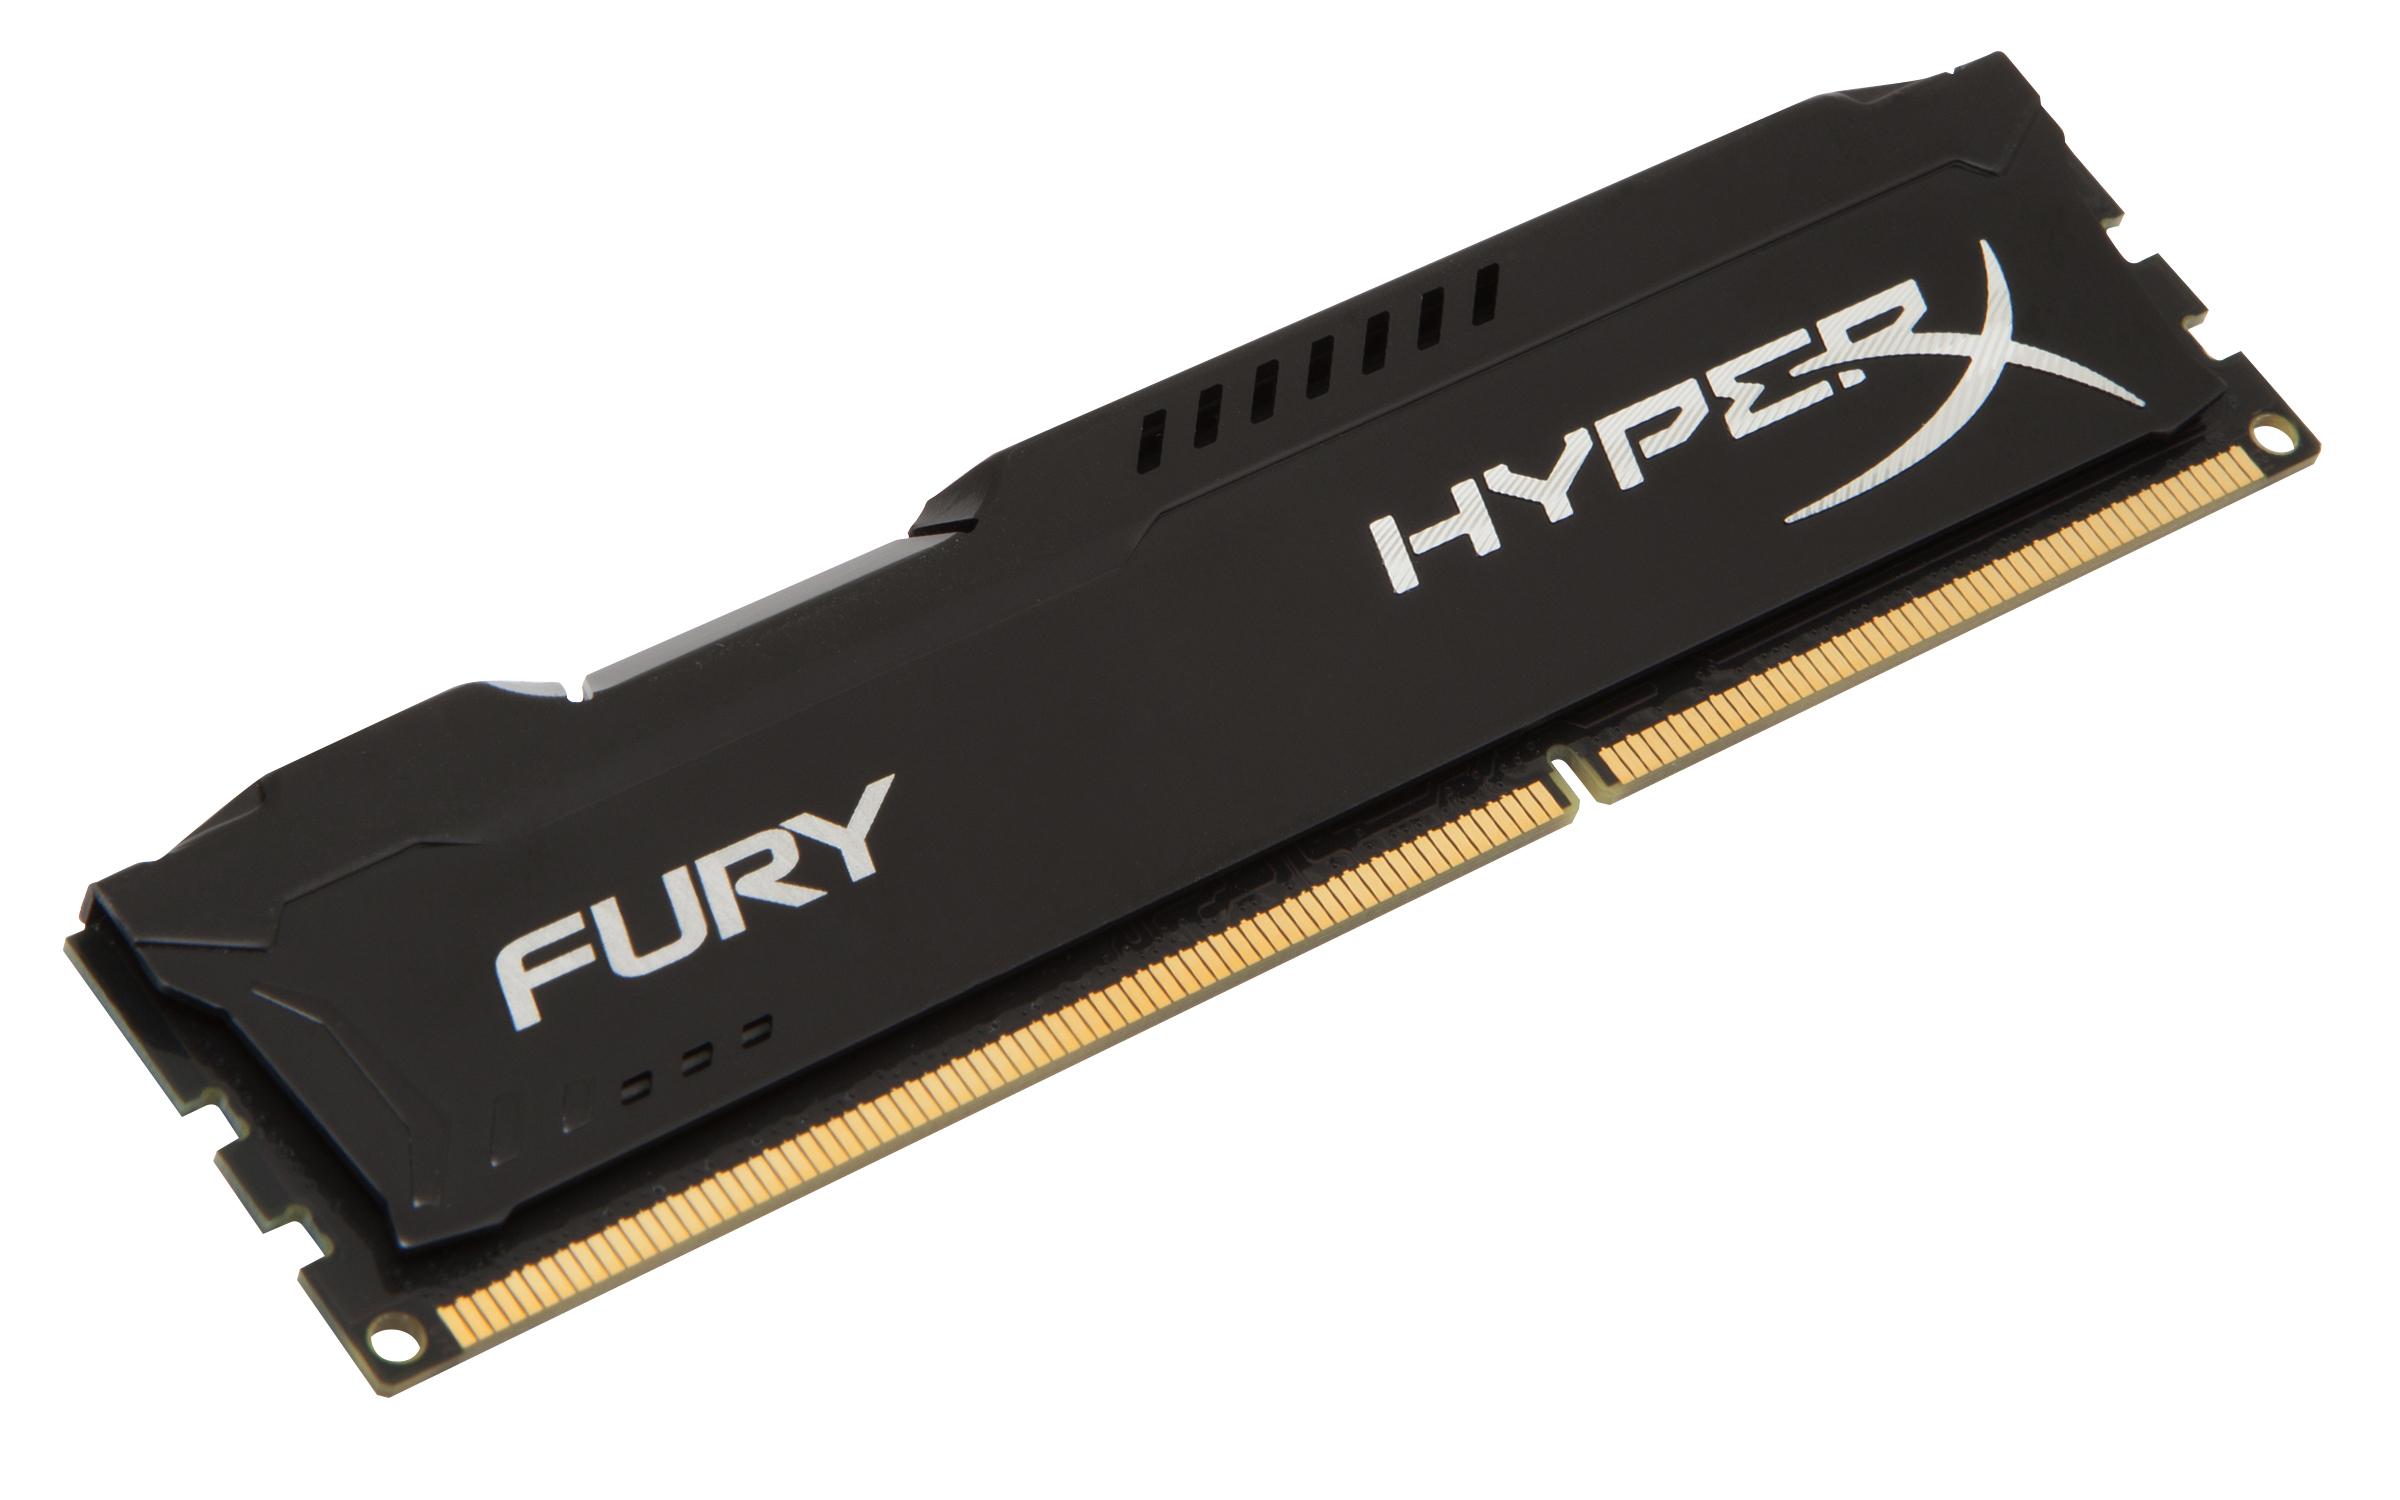 HyperX FURY Black 8GB 1866MHz DDR3 8GB DDR3 1866MHz memory module